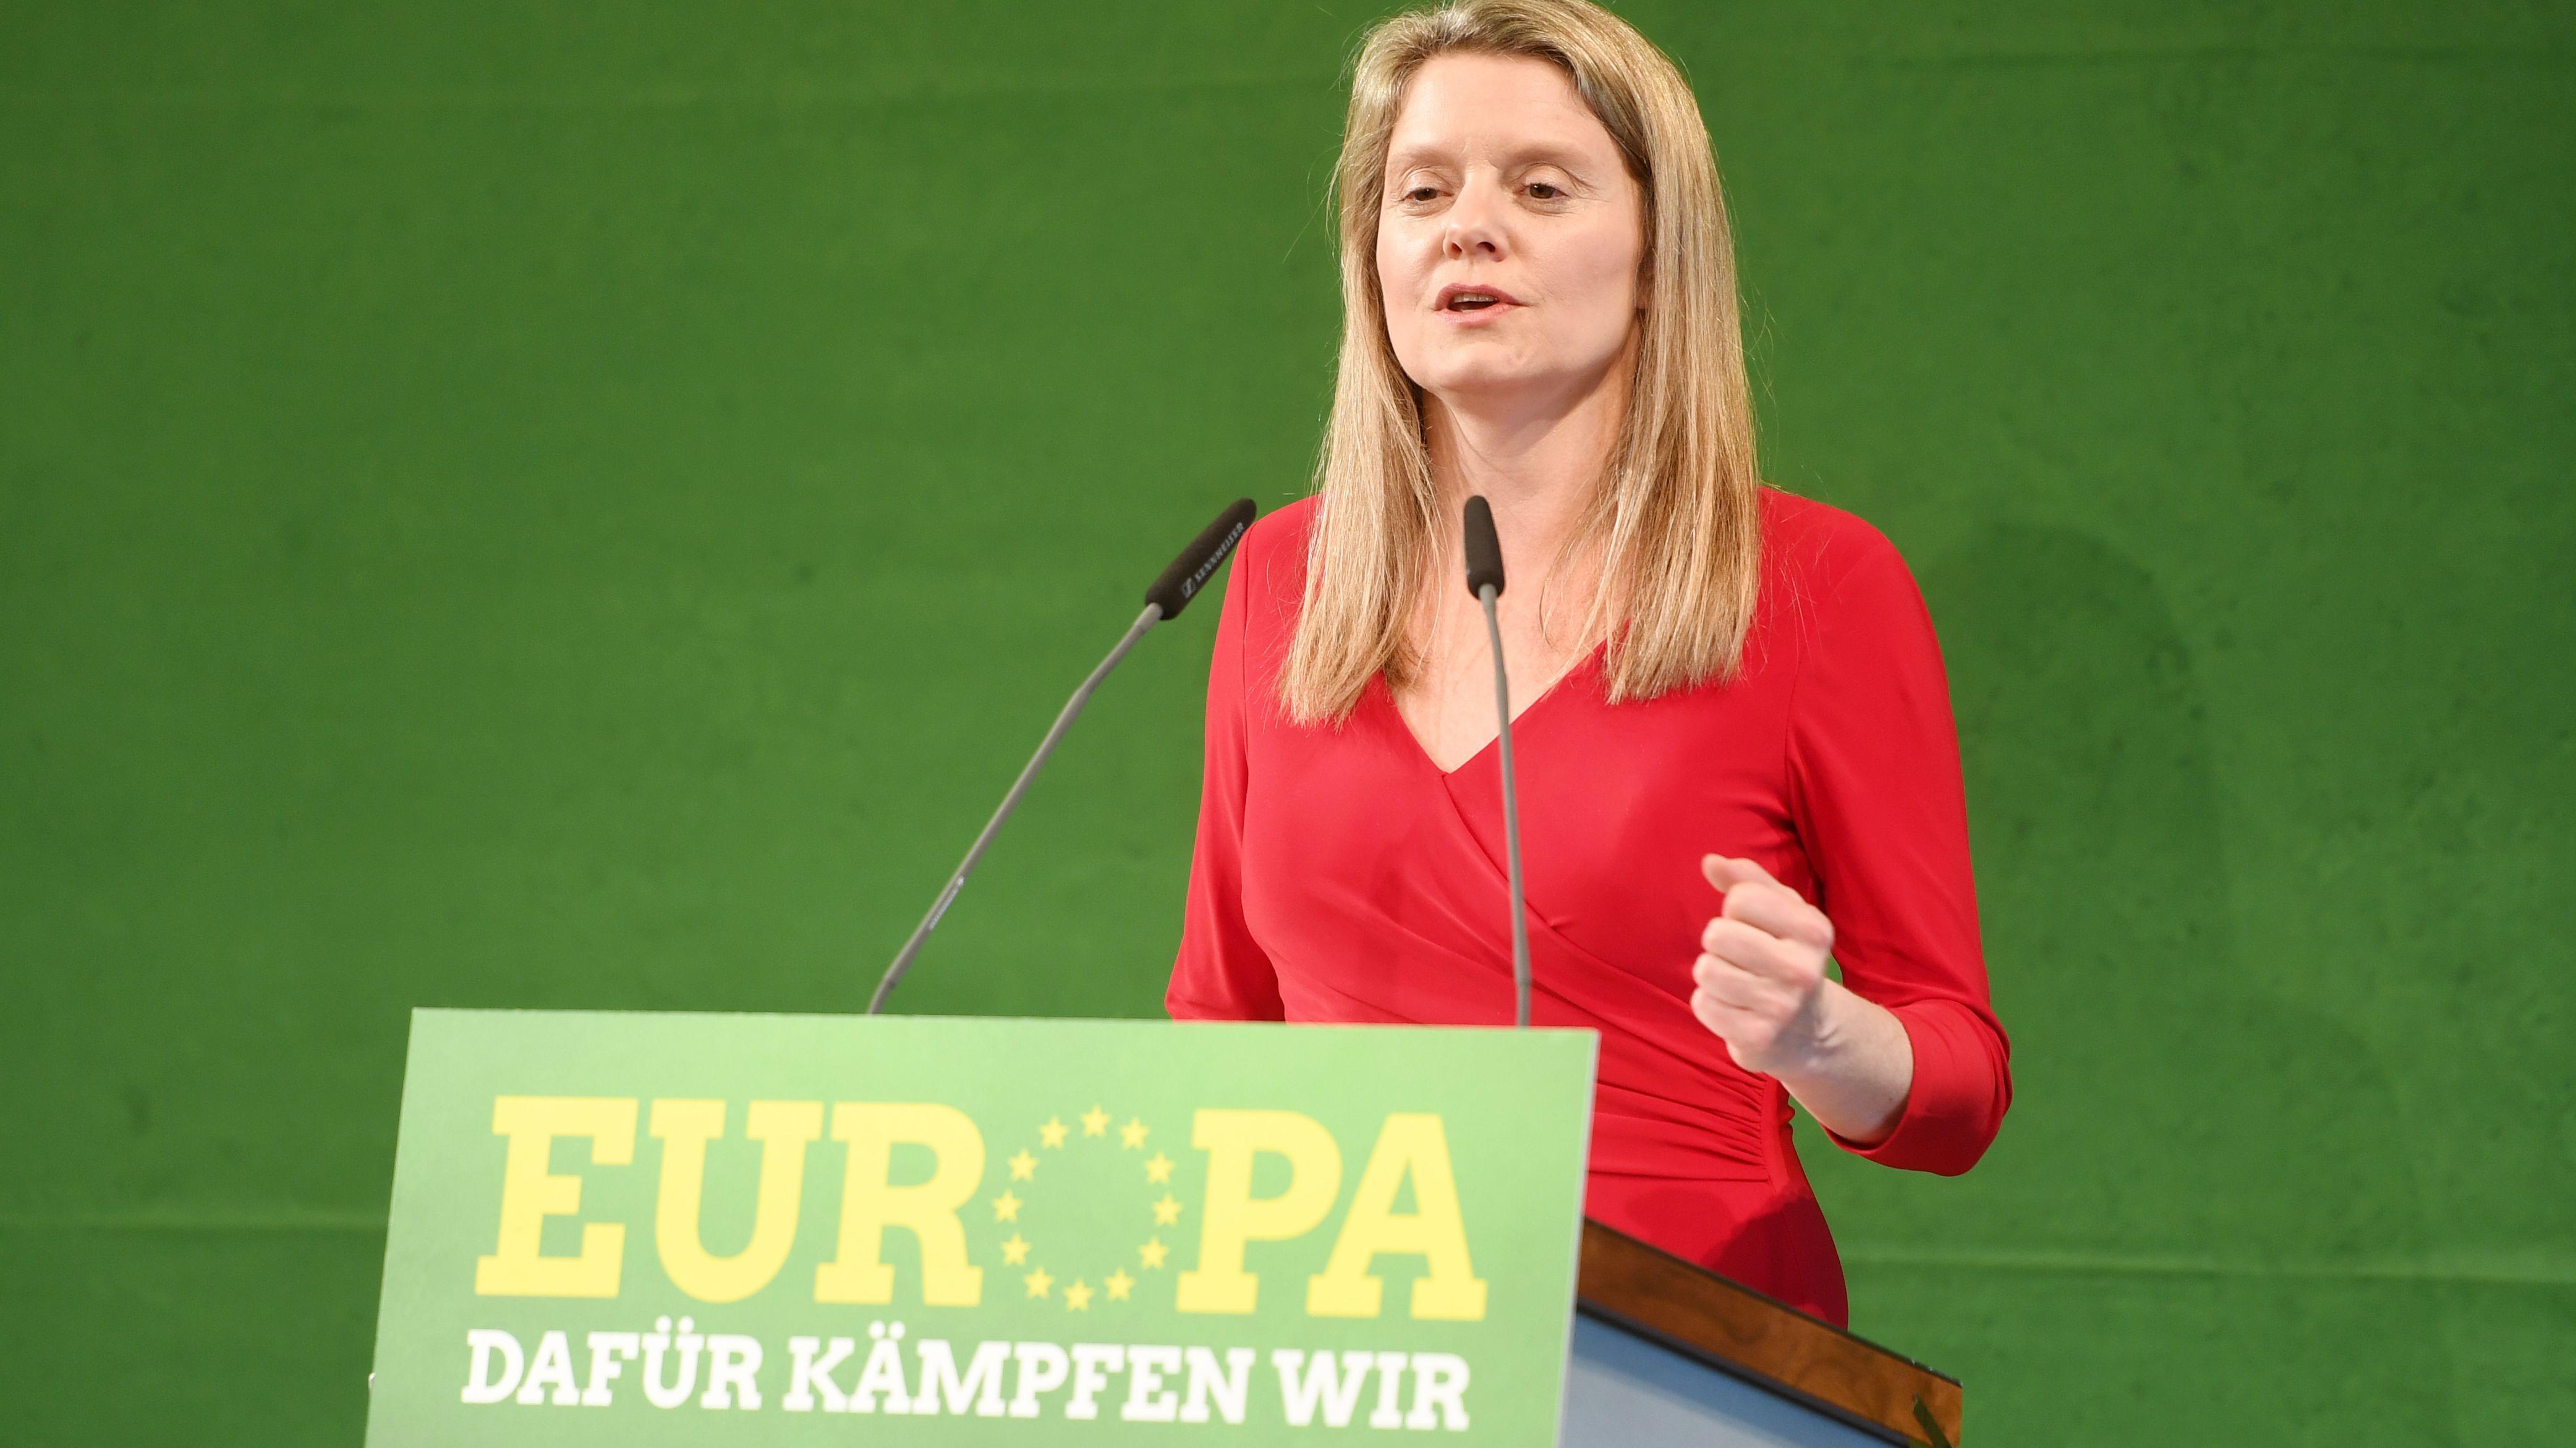 Henrike Hahn, bayerische Spitzenkandidatin zur Europawahl von Bündnis 90/Die Grünen